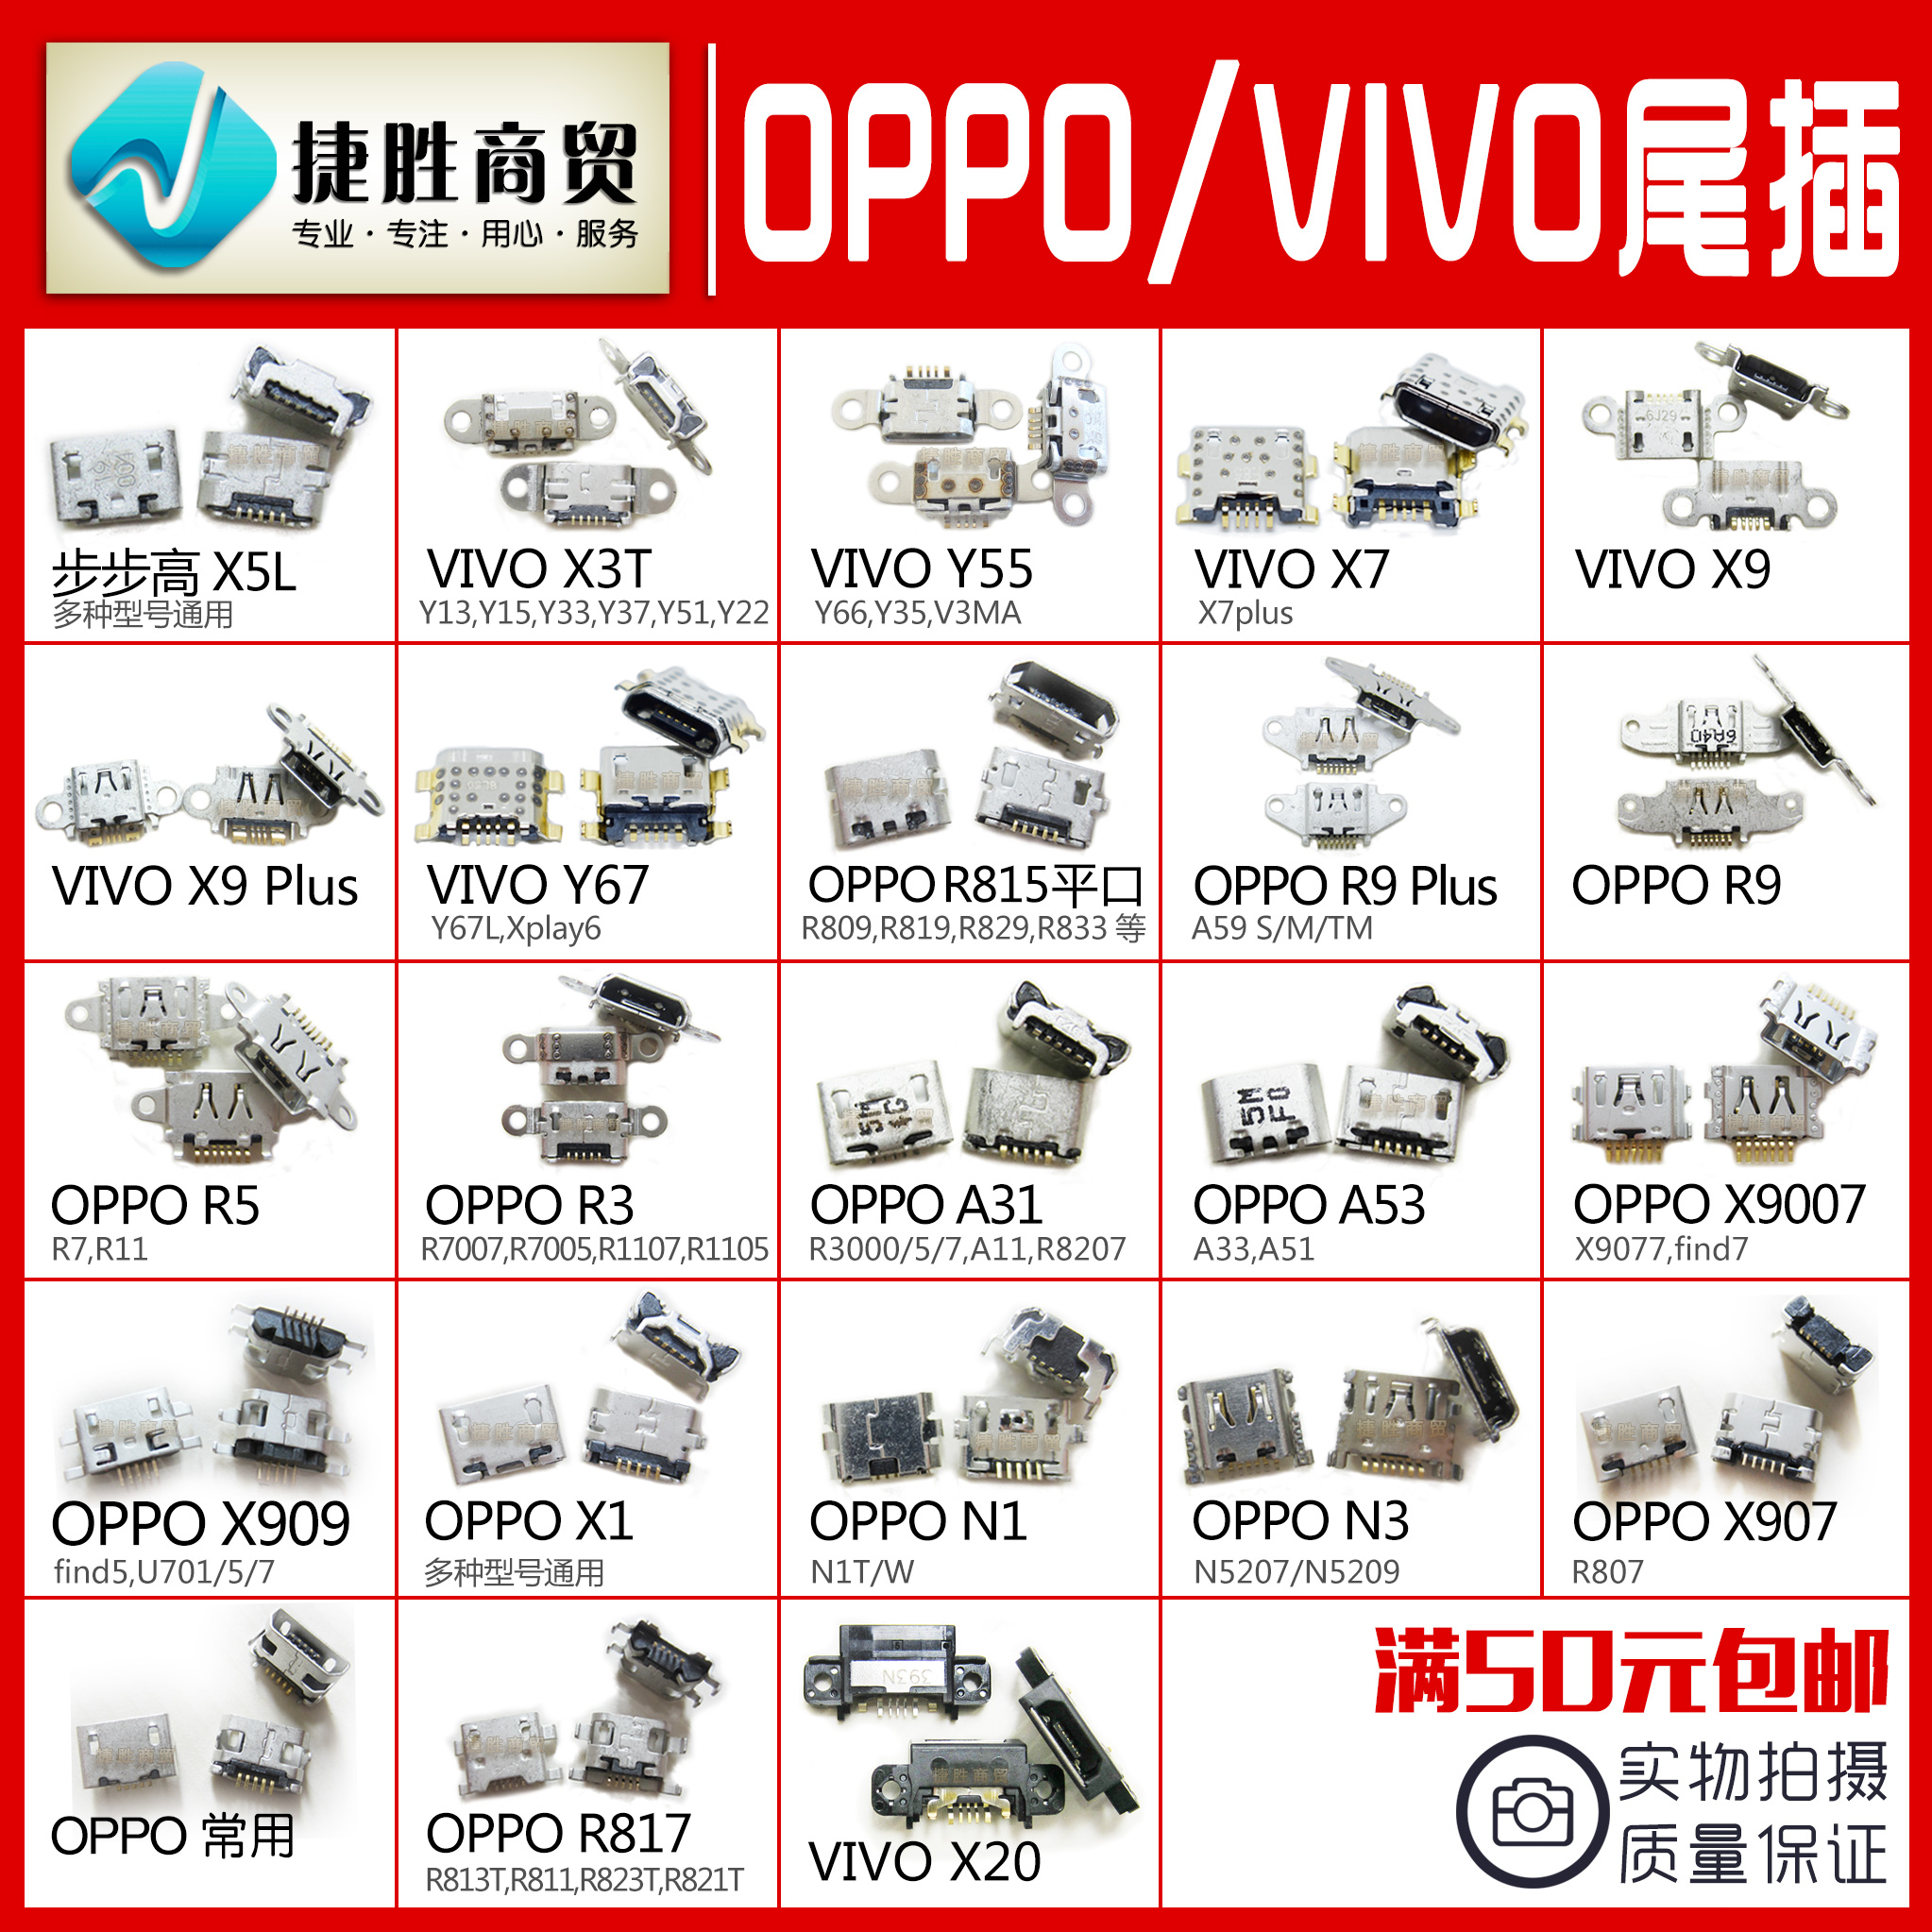 Мобильный телефон заглушка применимый OPPO шаг за шагом VIVO общий заглушка USB зарядка интерфейс мобильный телефон монтаж